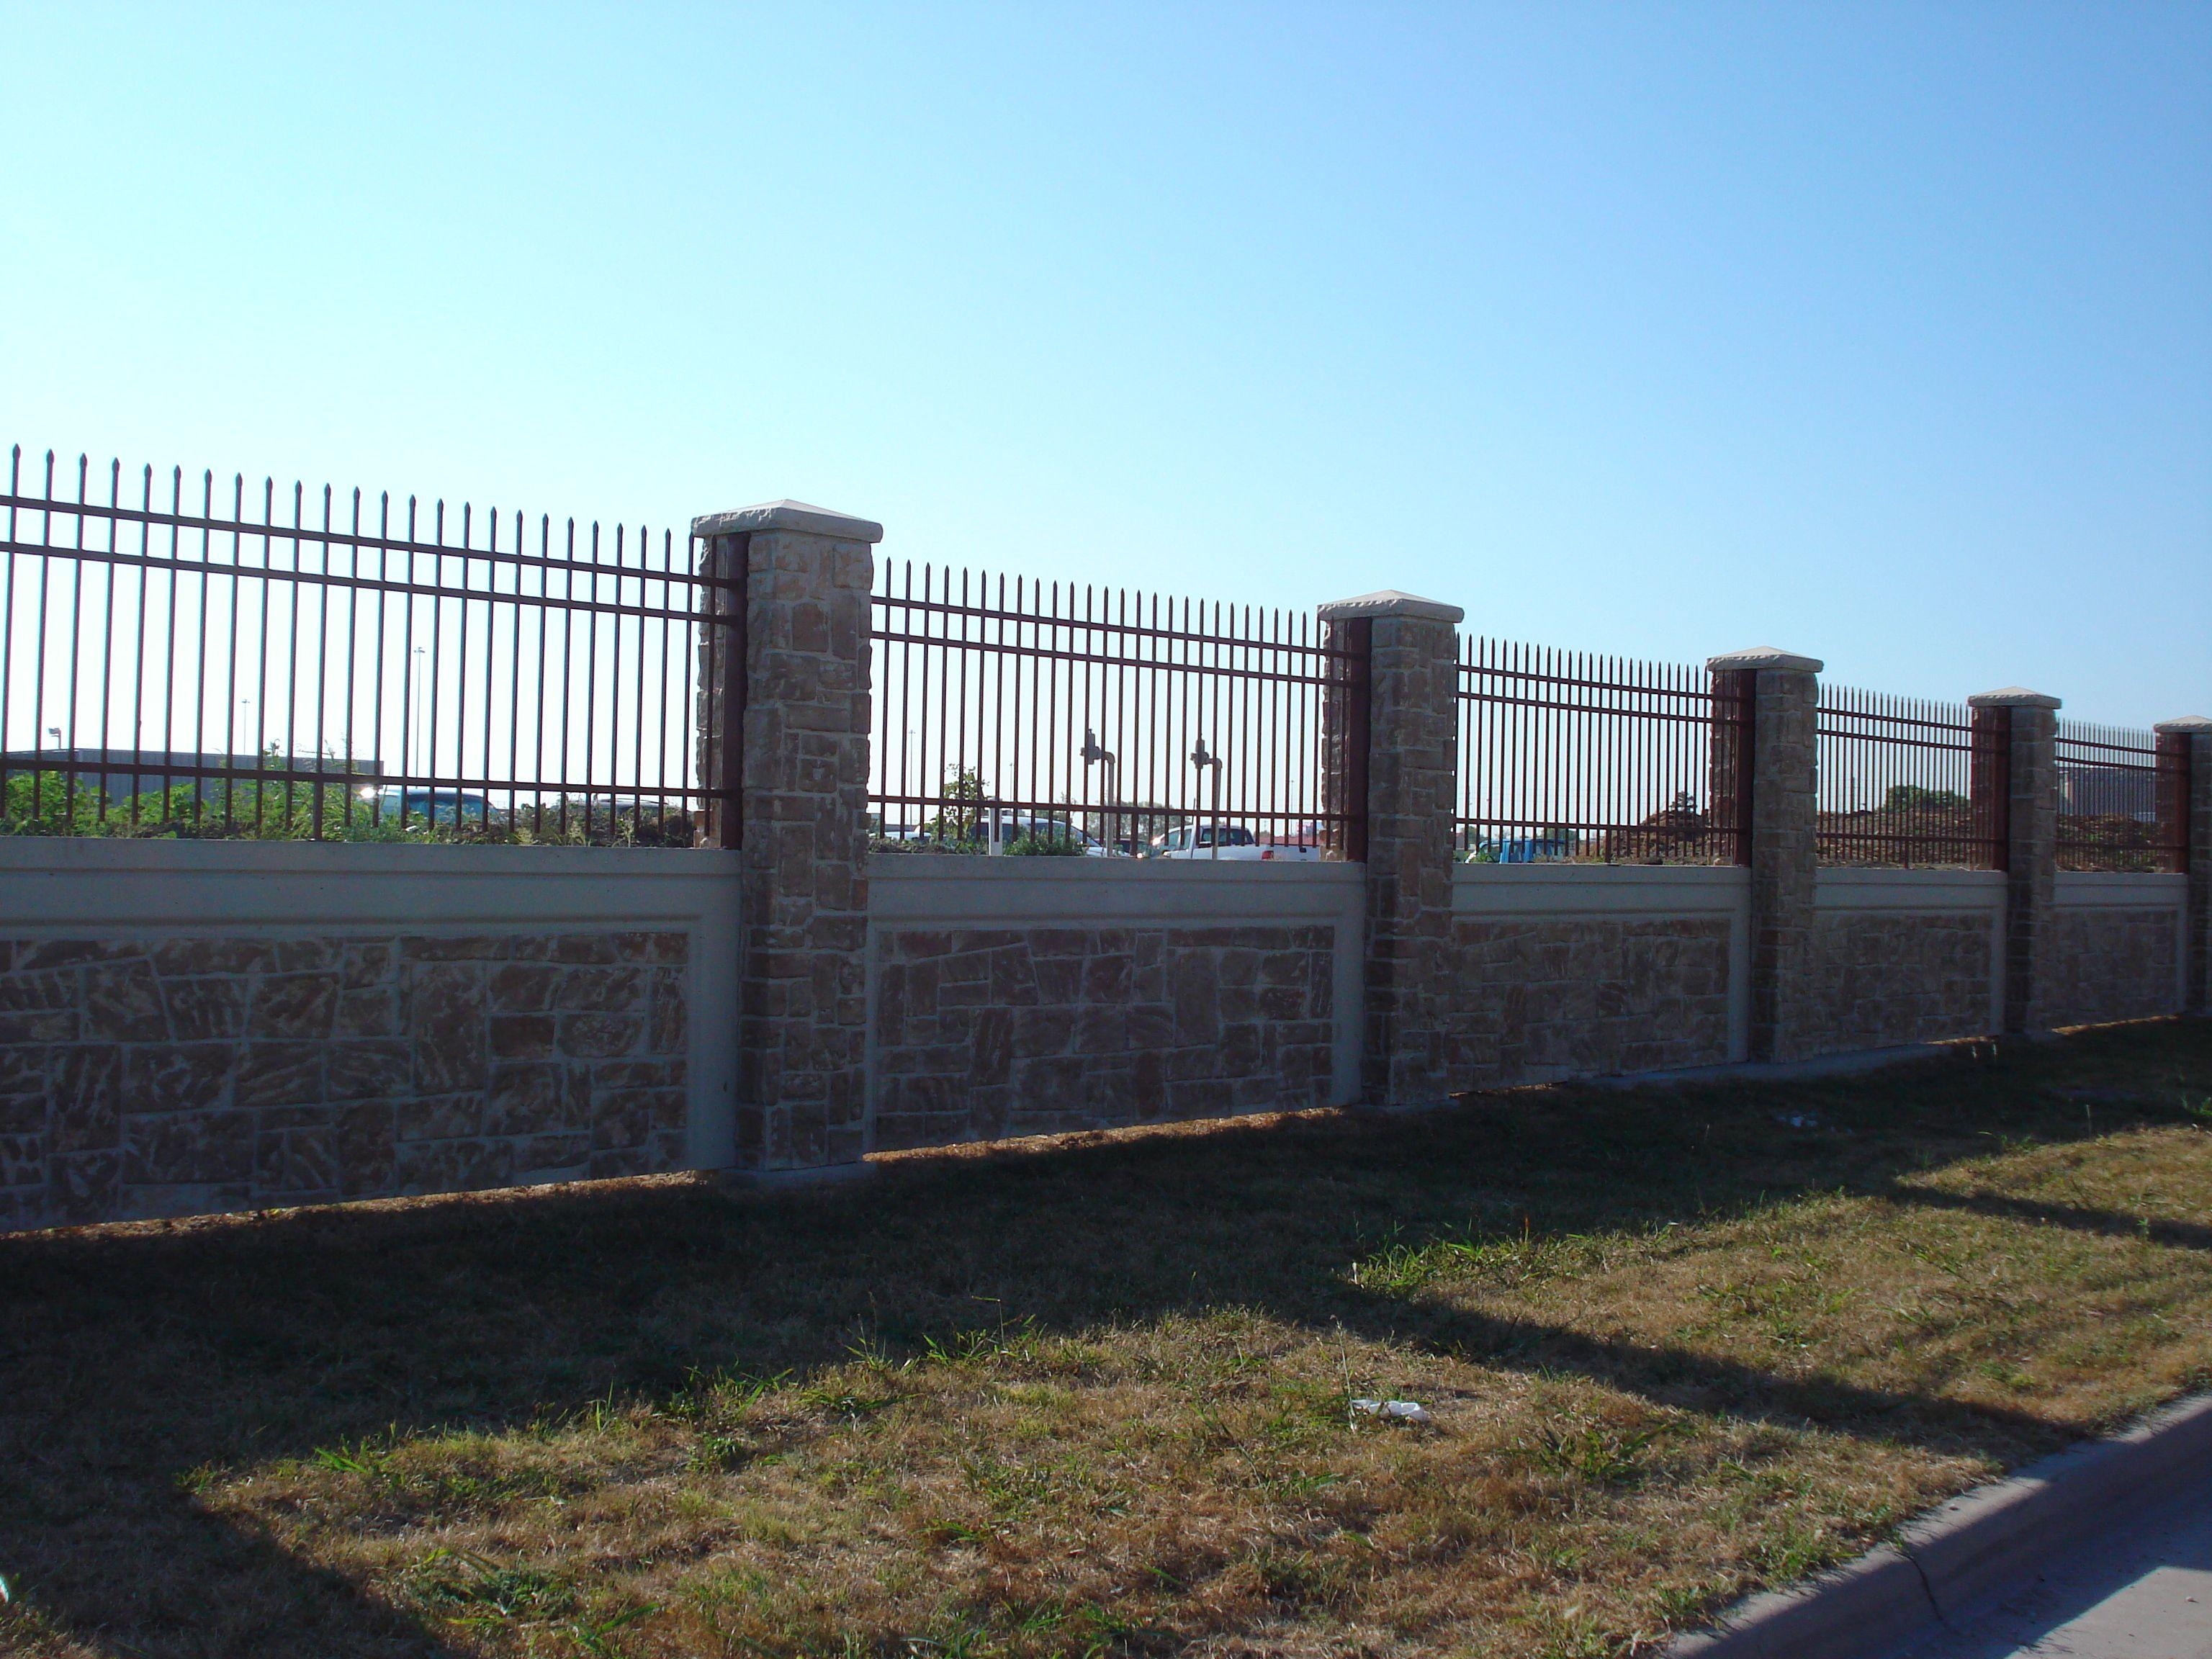 Decorative Concrete Pre Cast Decorative Concrete Concrete Work Andalereadymix Com Concrete Decor Entry Gates Concrete